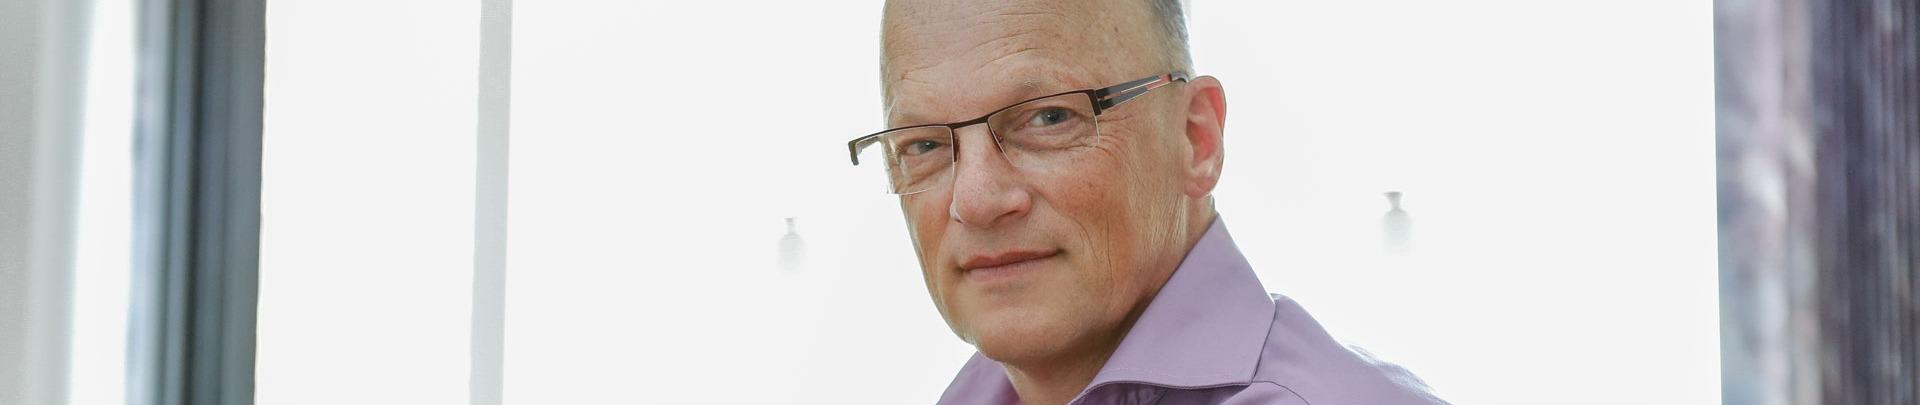 Piet Jan Wagenaar zit achter zijn bureau